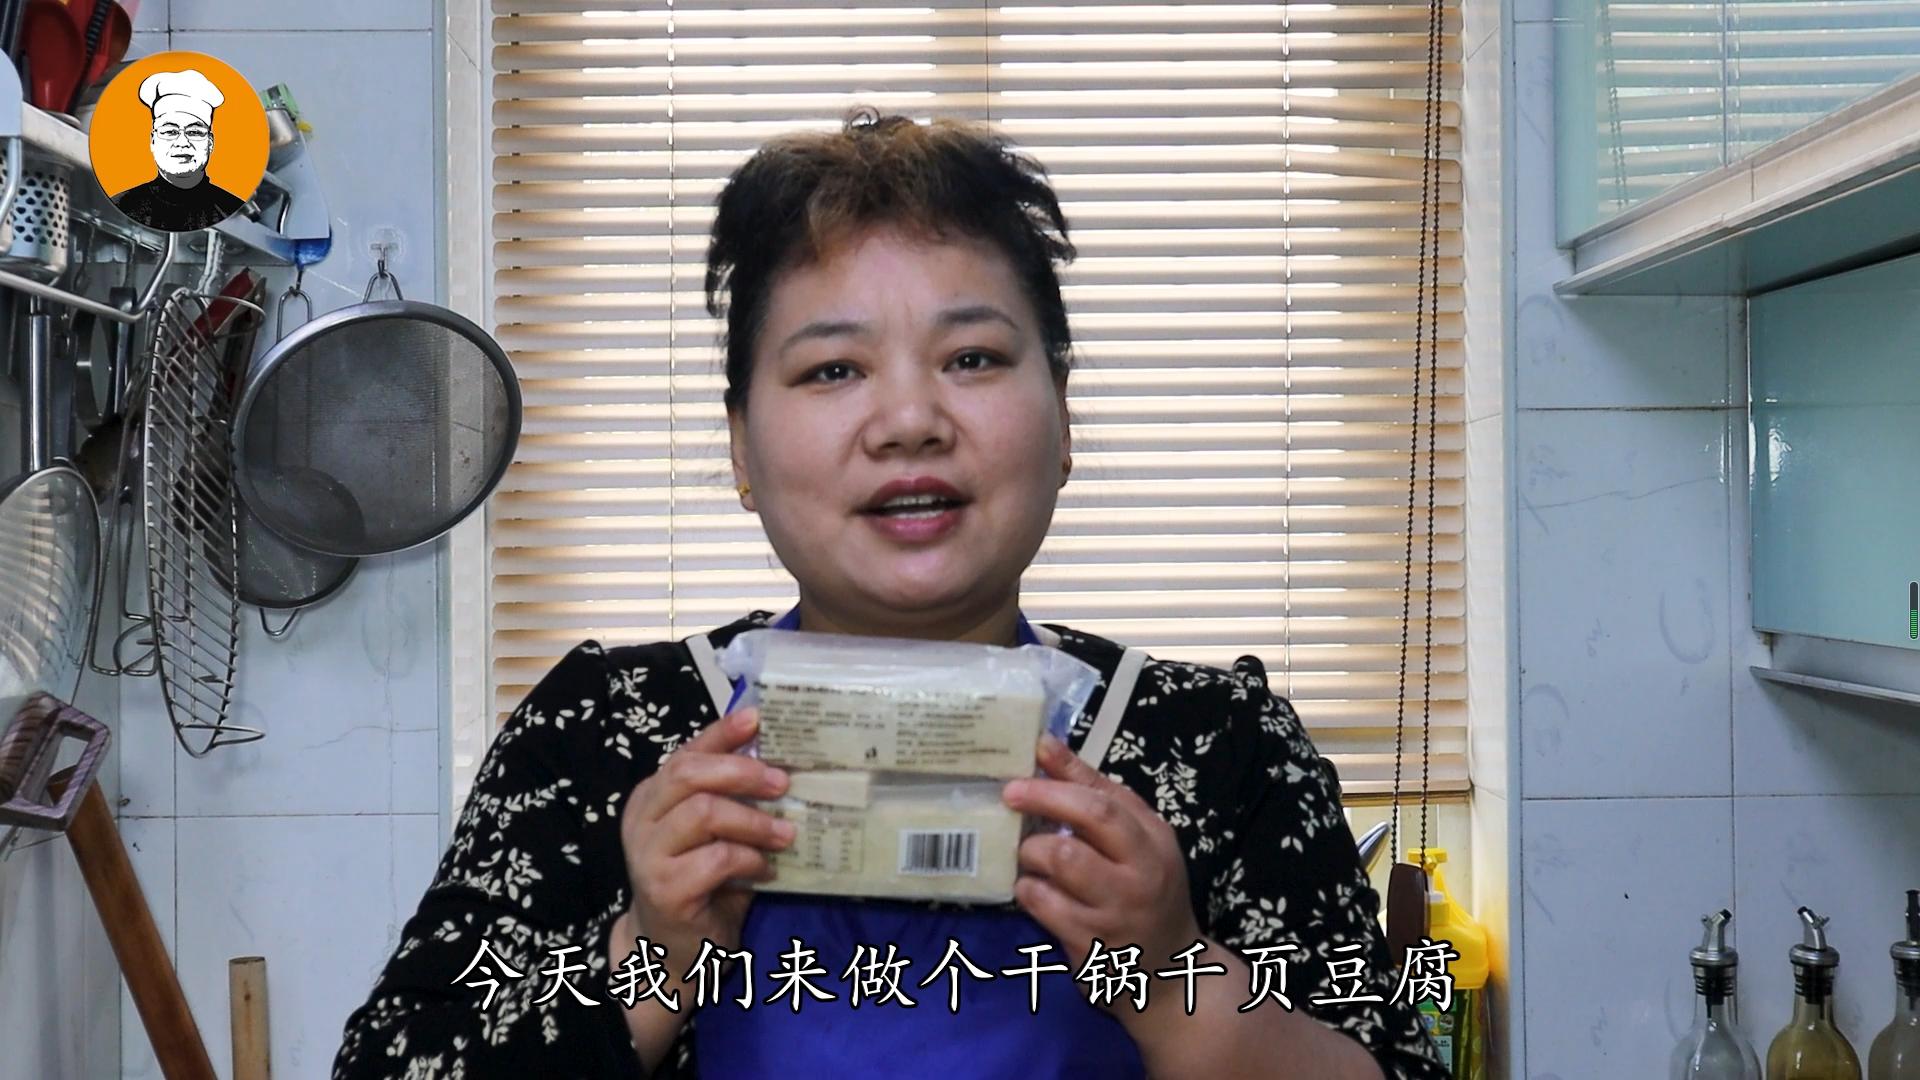 饭店卖38一份的干锅千页豆腐,大厨教你在家10块钱搞定,太简单了 美食做法 第1张